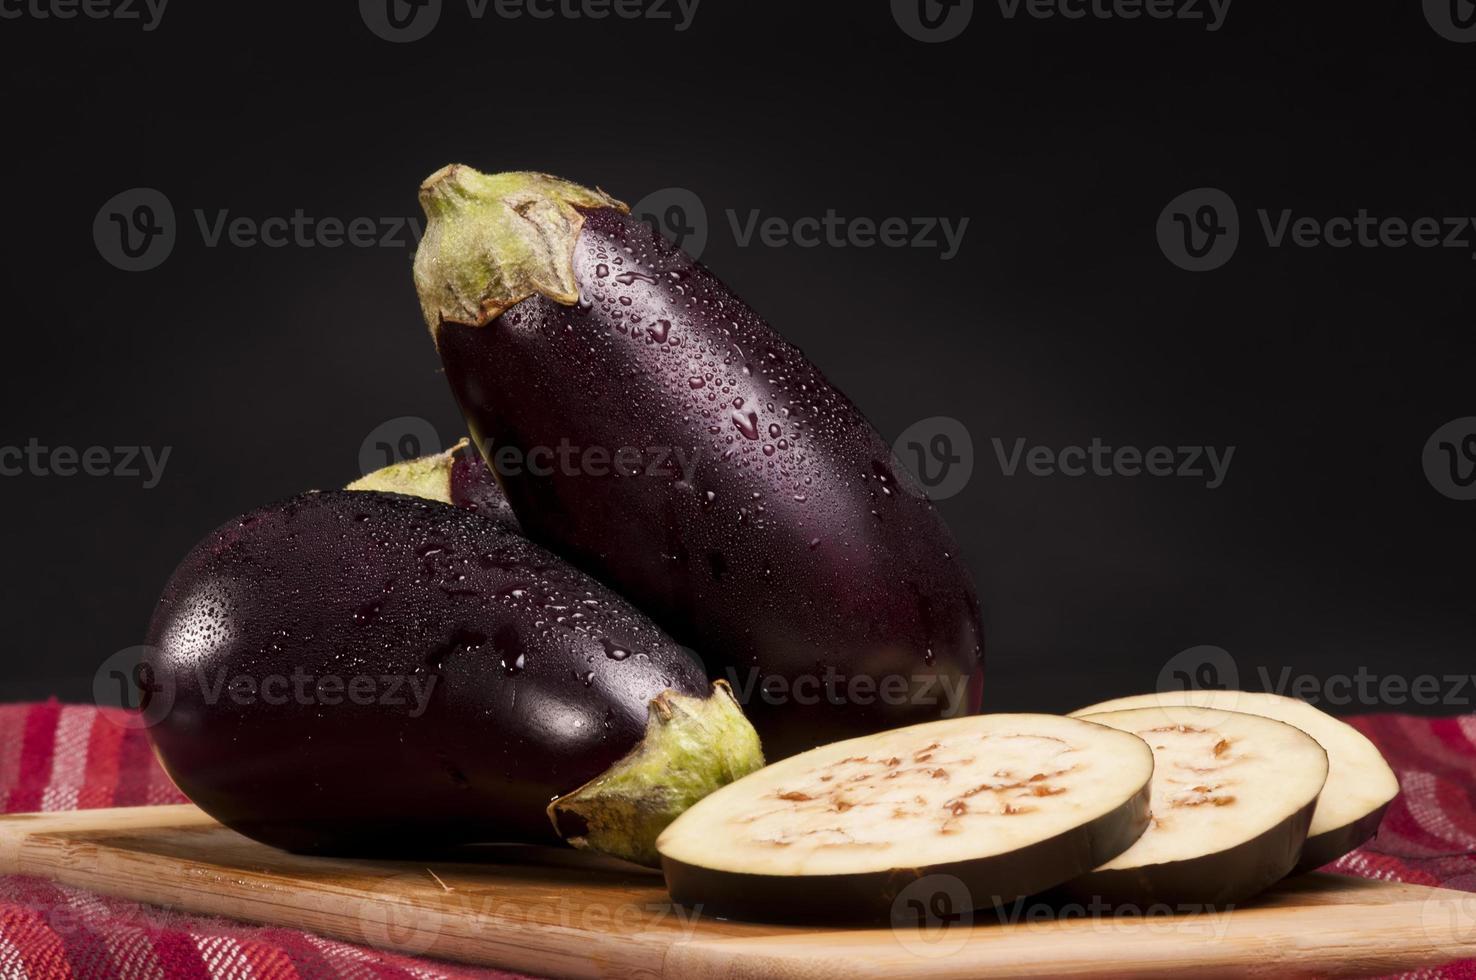 Eggplants photo